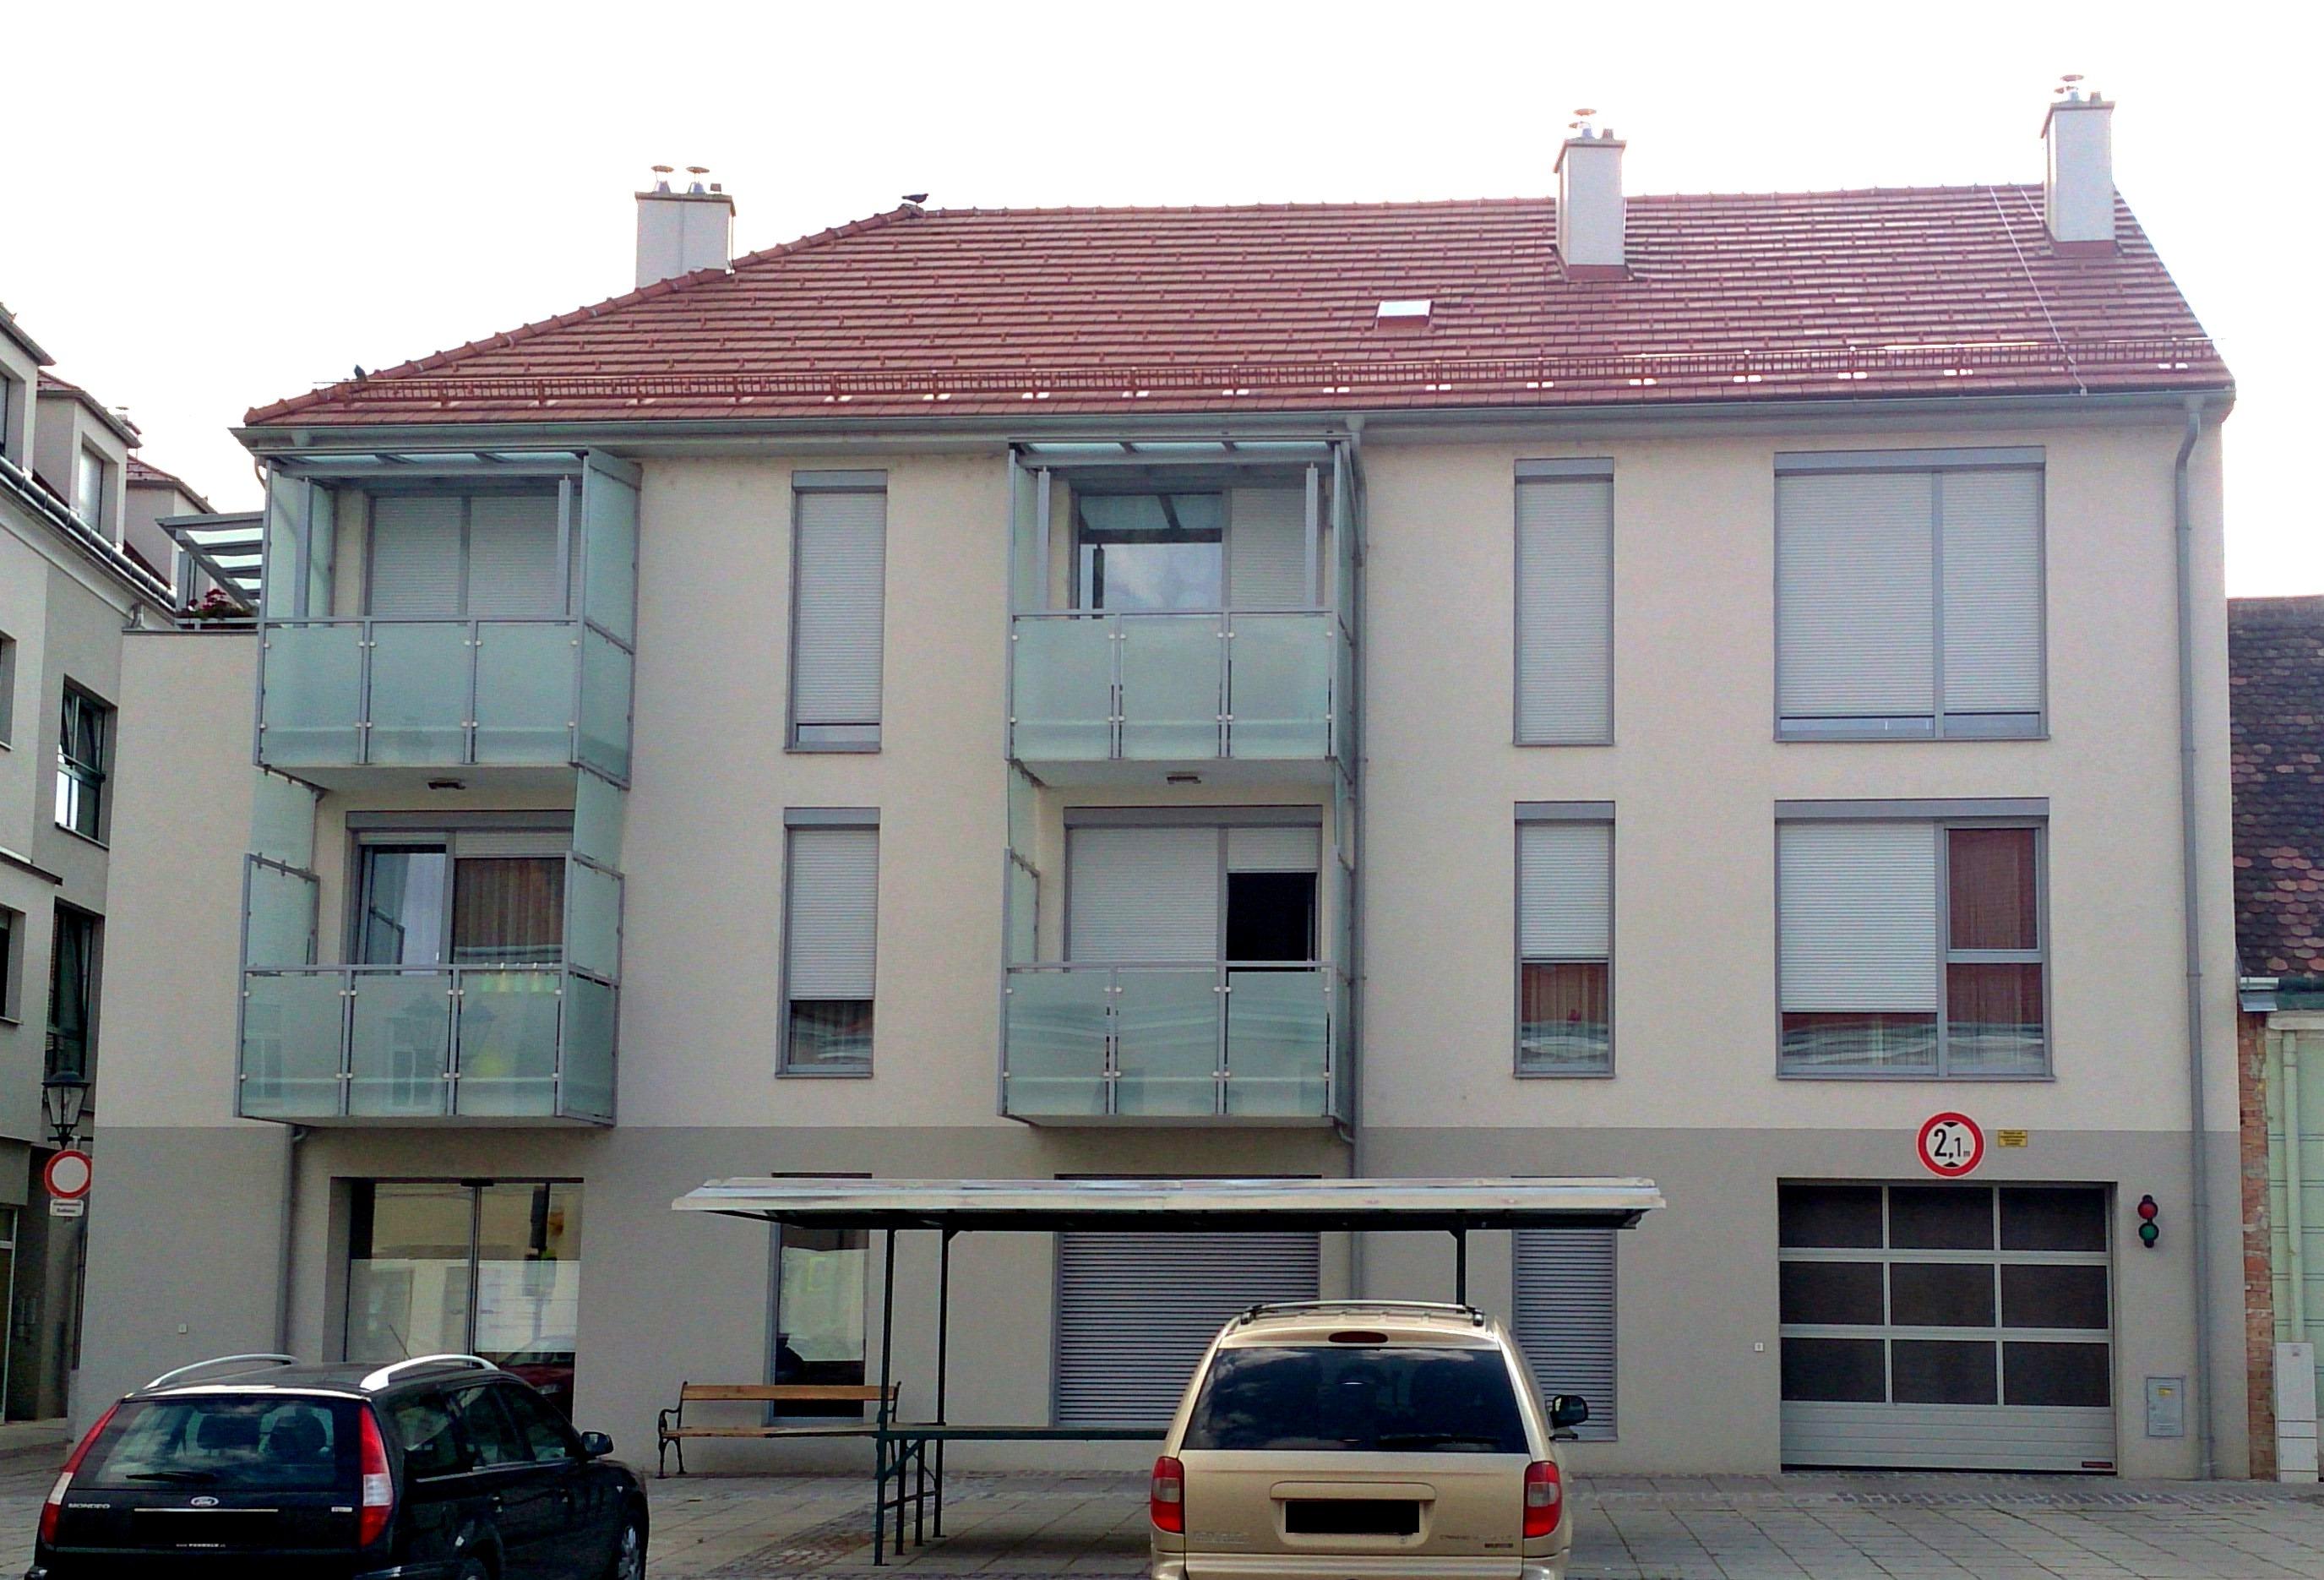 Immobilie von Kamptal in 2136 Laa an der Thaya, Mistelbach, Laa/ Thaya VII - Top 20 - Stadtplatz Nr. 61 #9